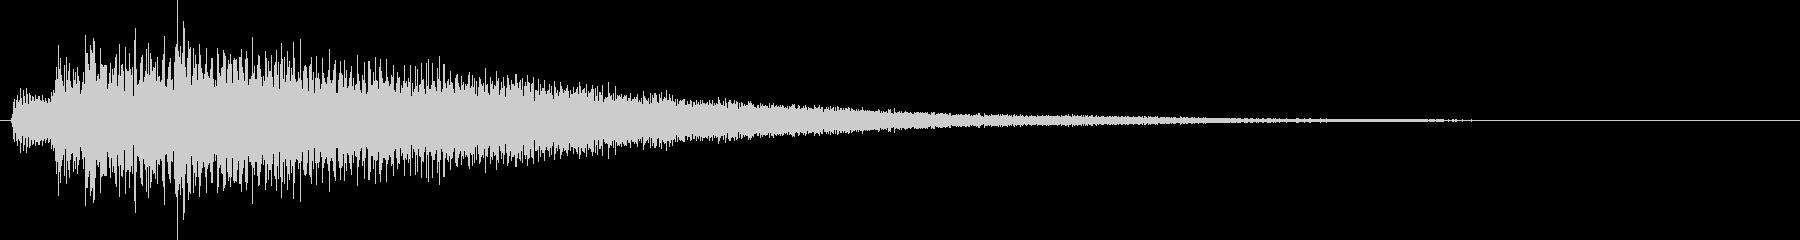 【生演奏】不穏な雰囲気のピアノジングルの未再生の波形